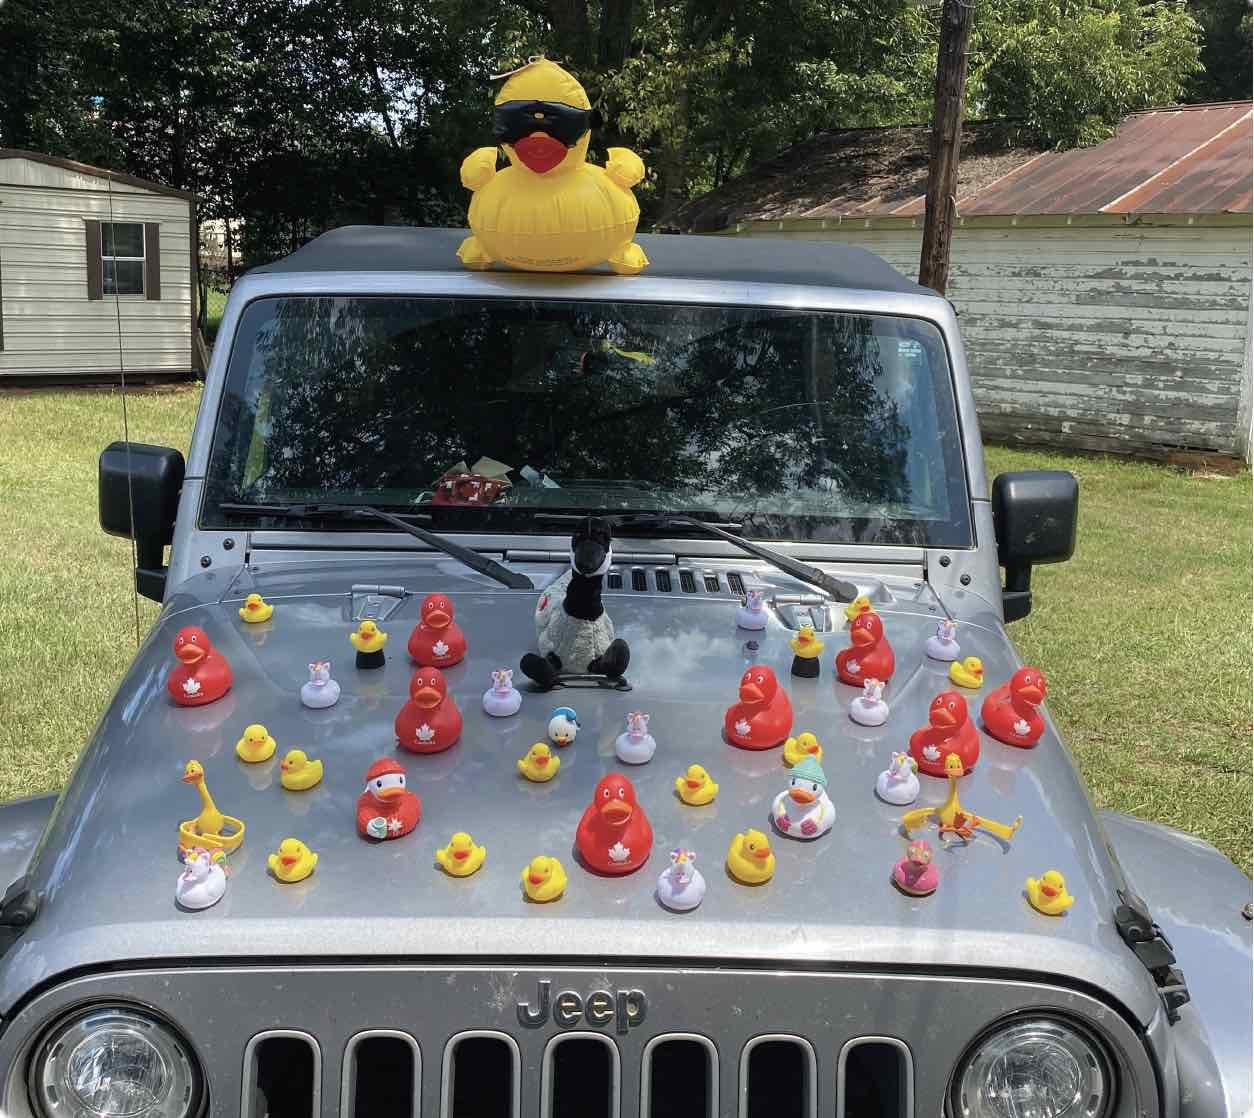 ducks on jeep